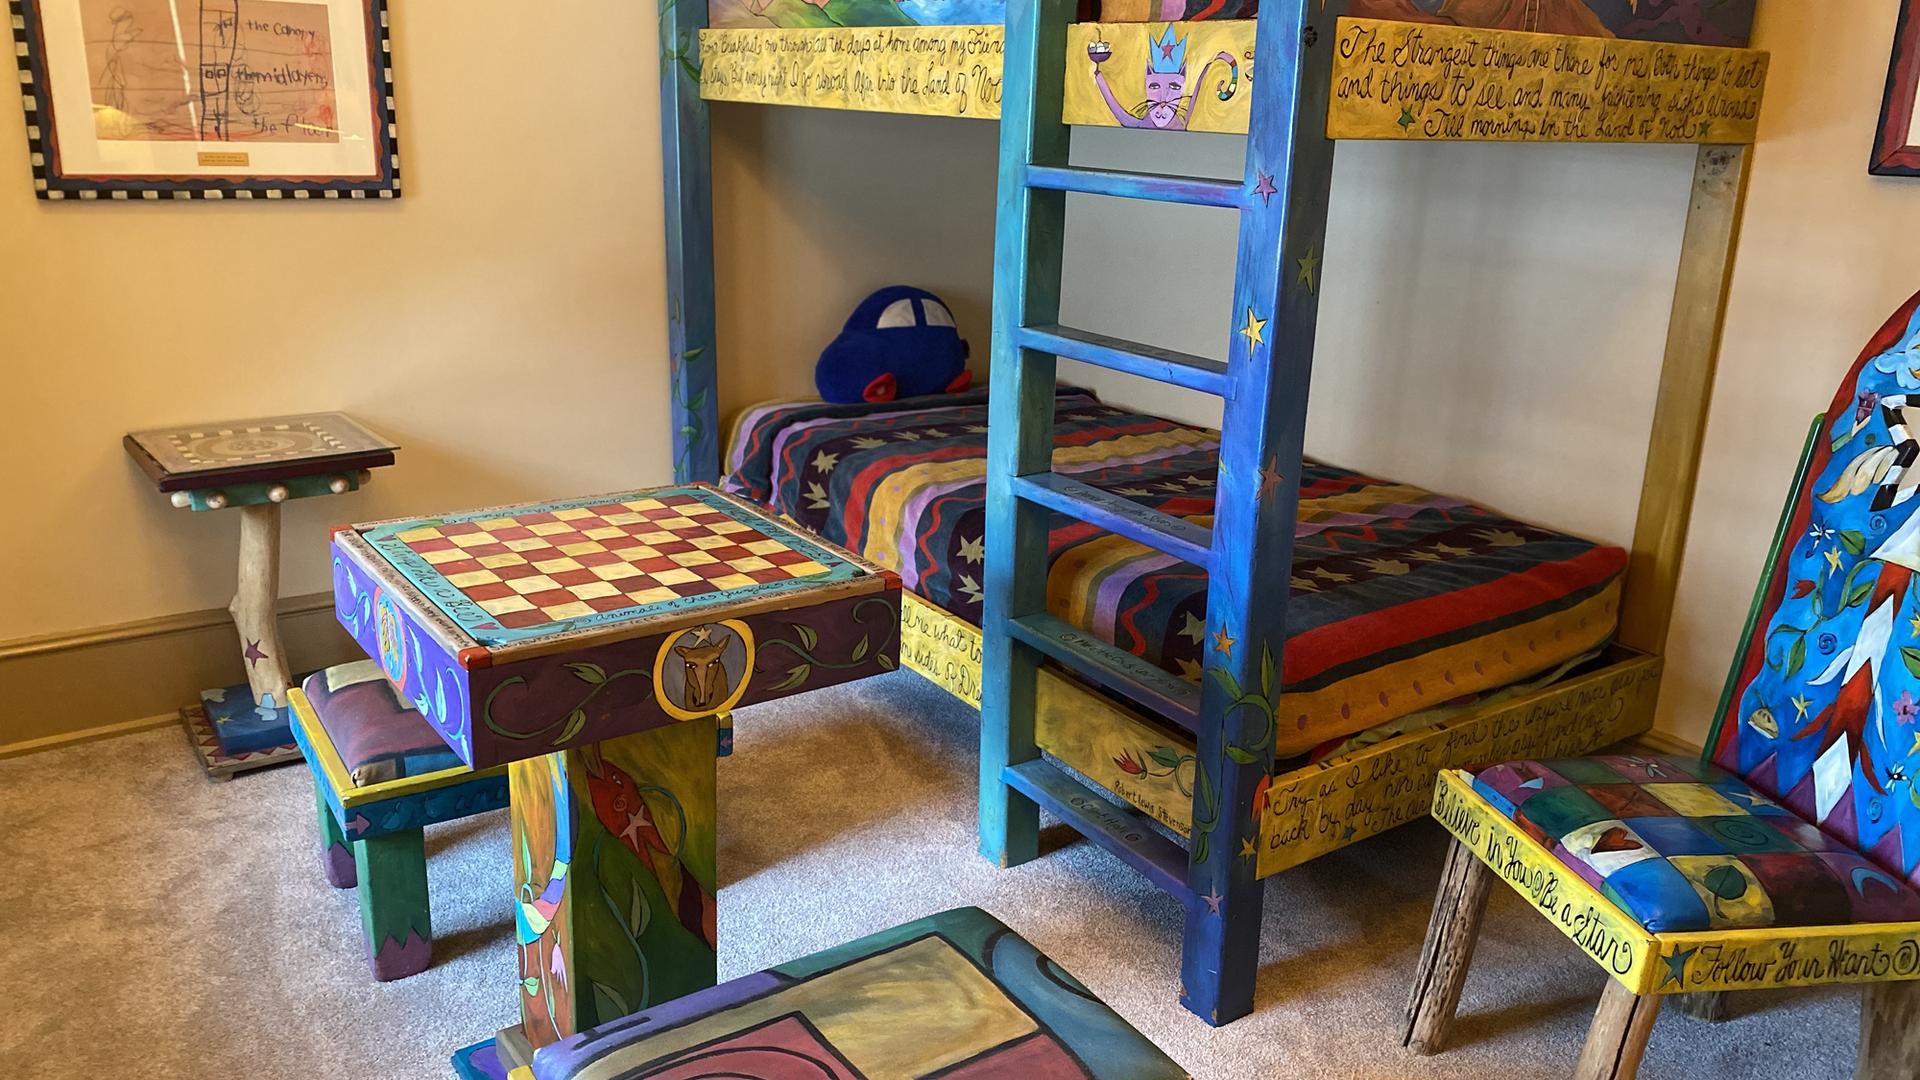 David Ahmanson Suite for Kids